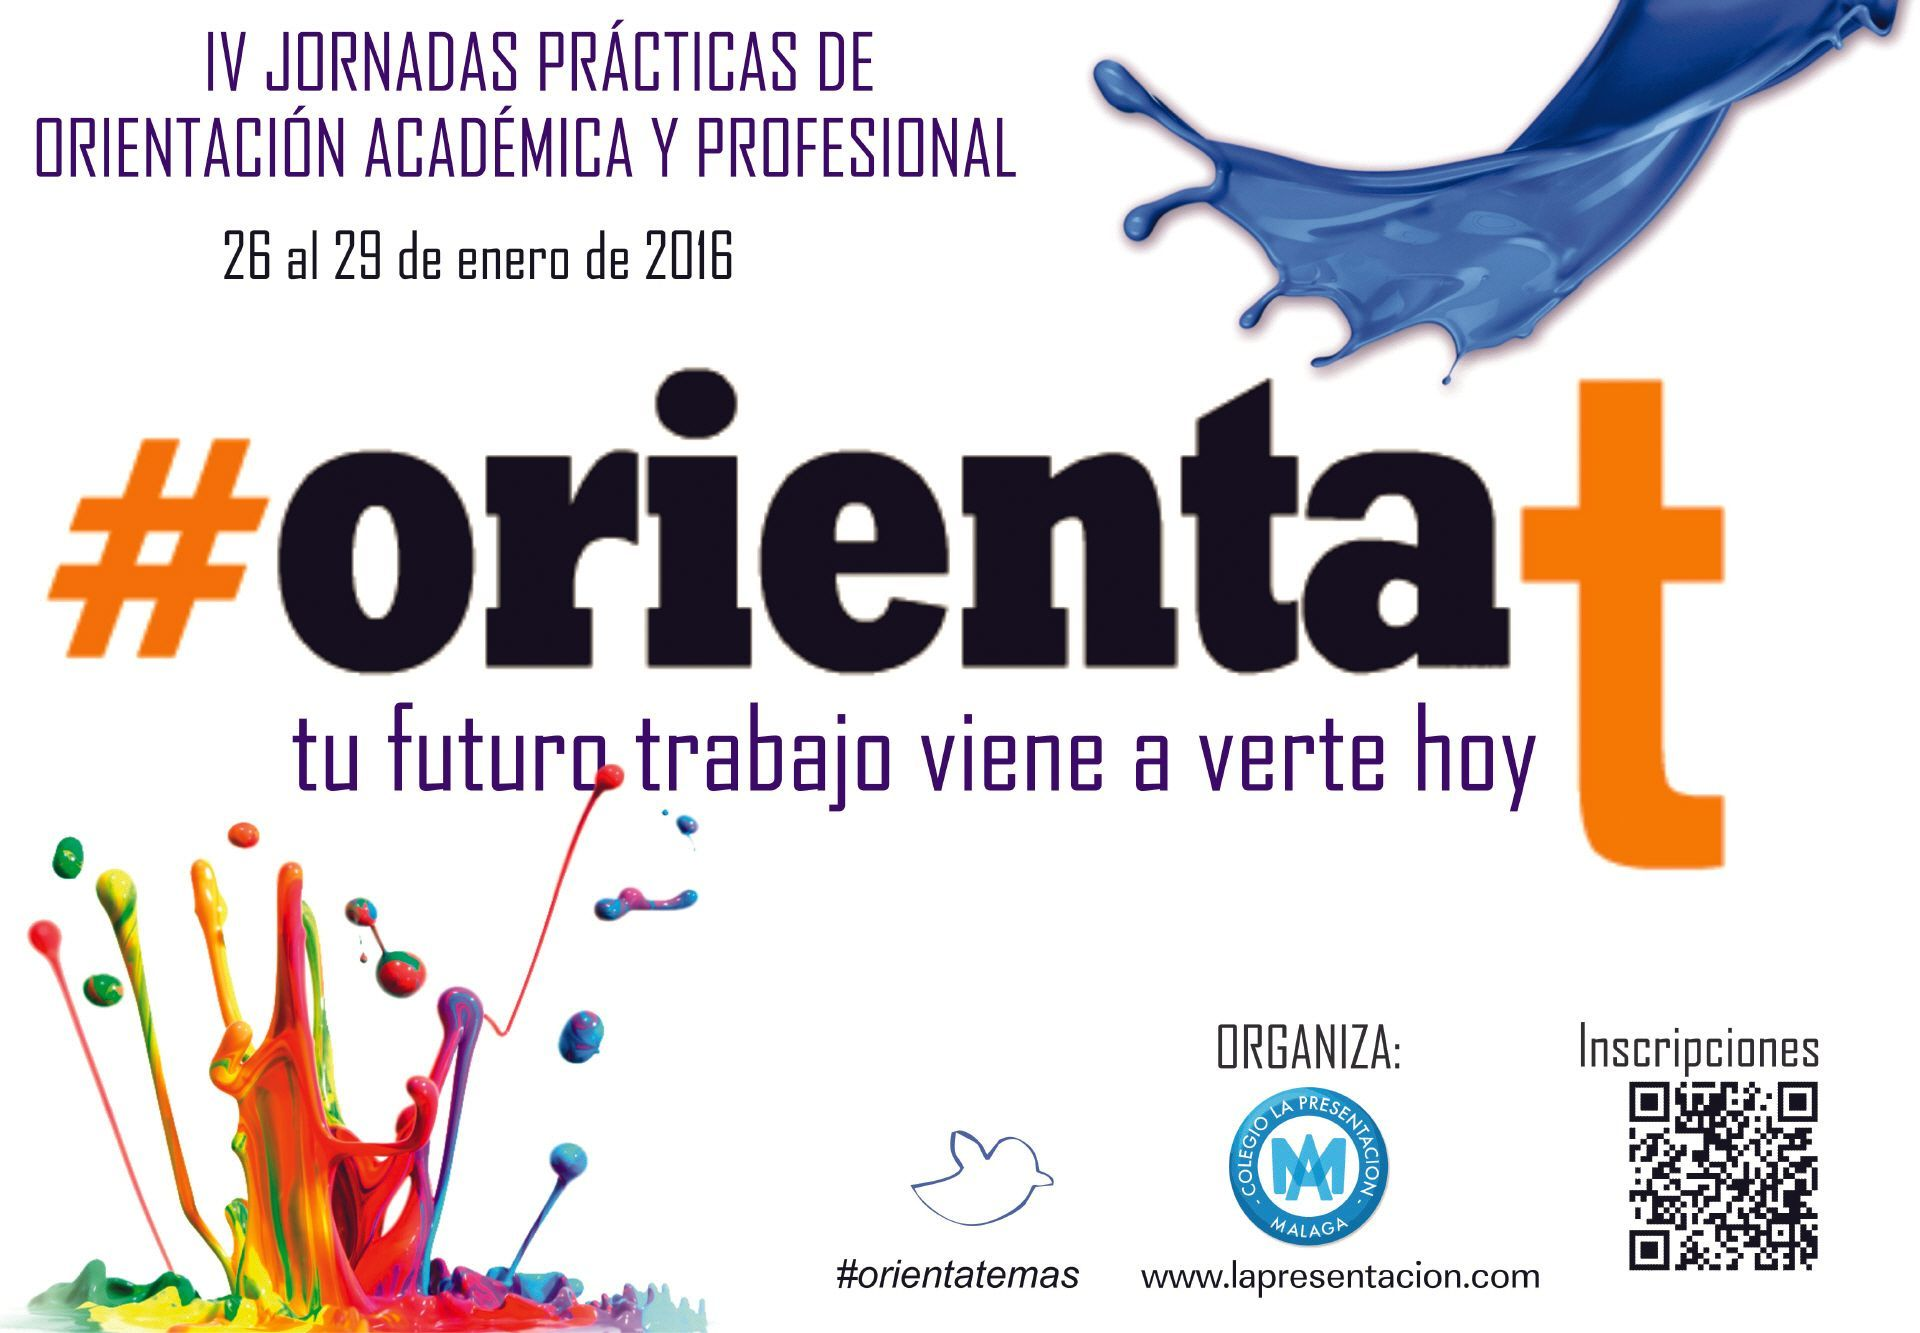 Cartel de las IV jornadas prácticas de orientación académica y profesional, 2016.